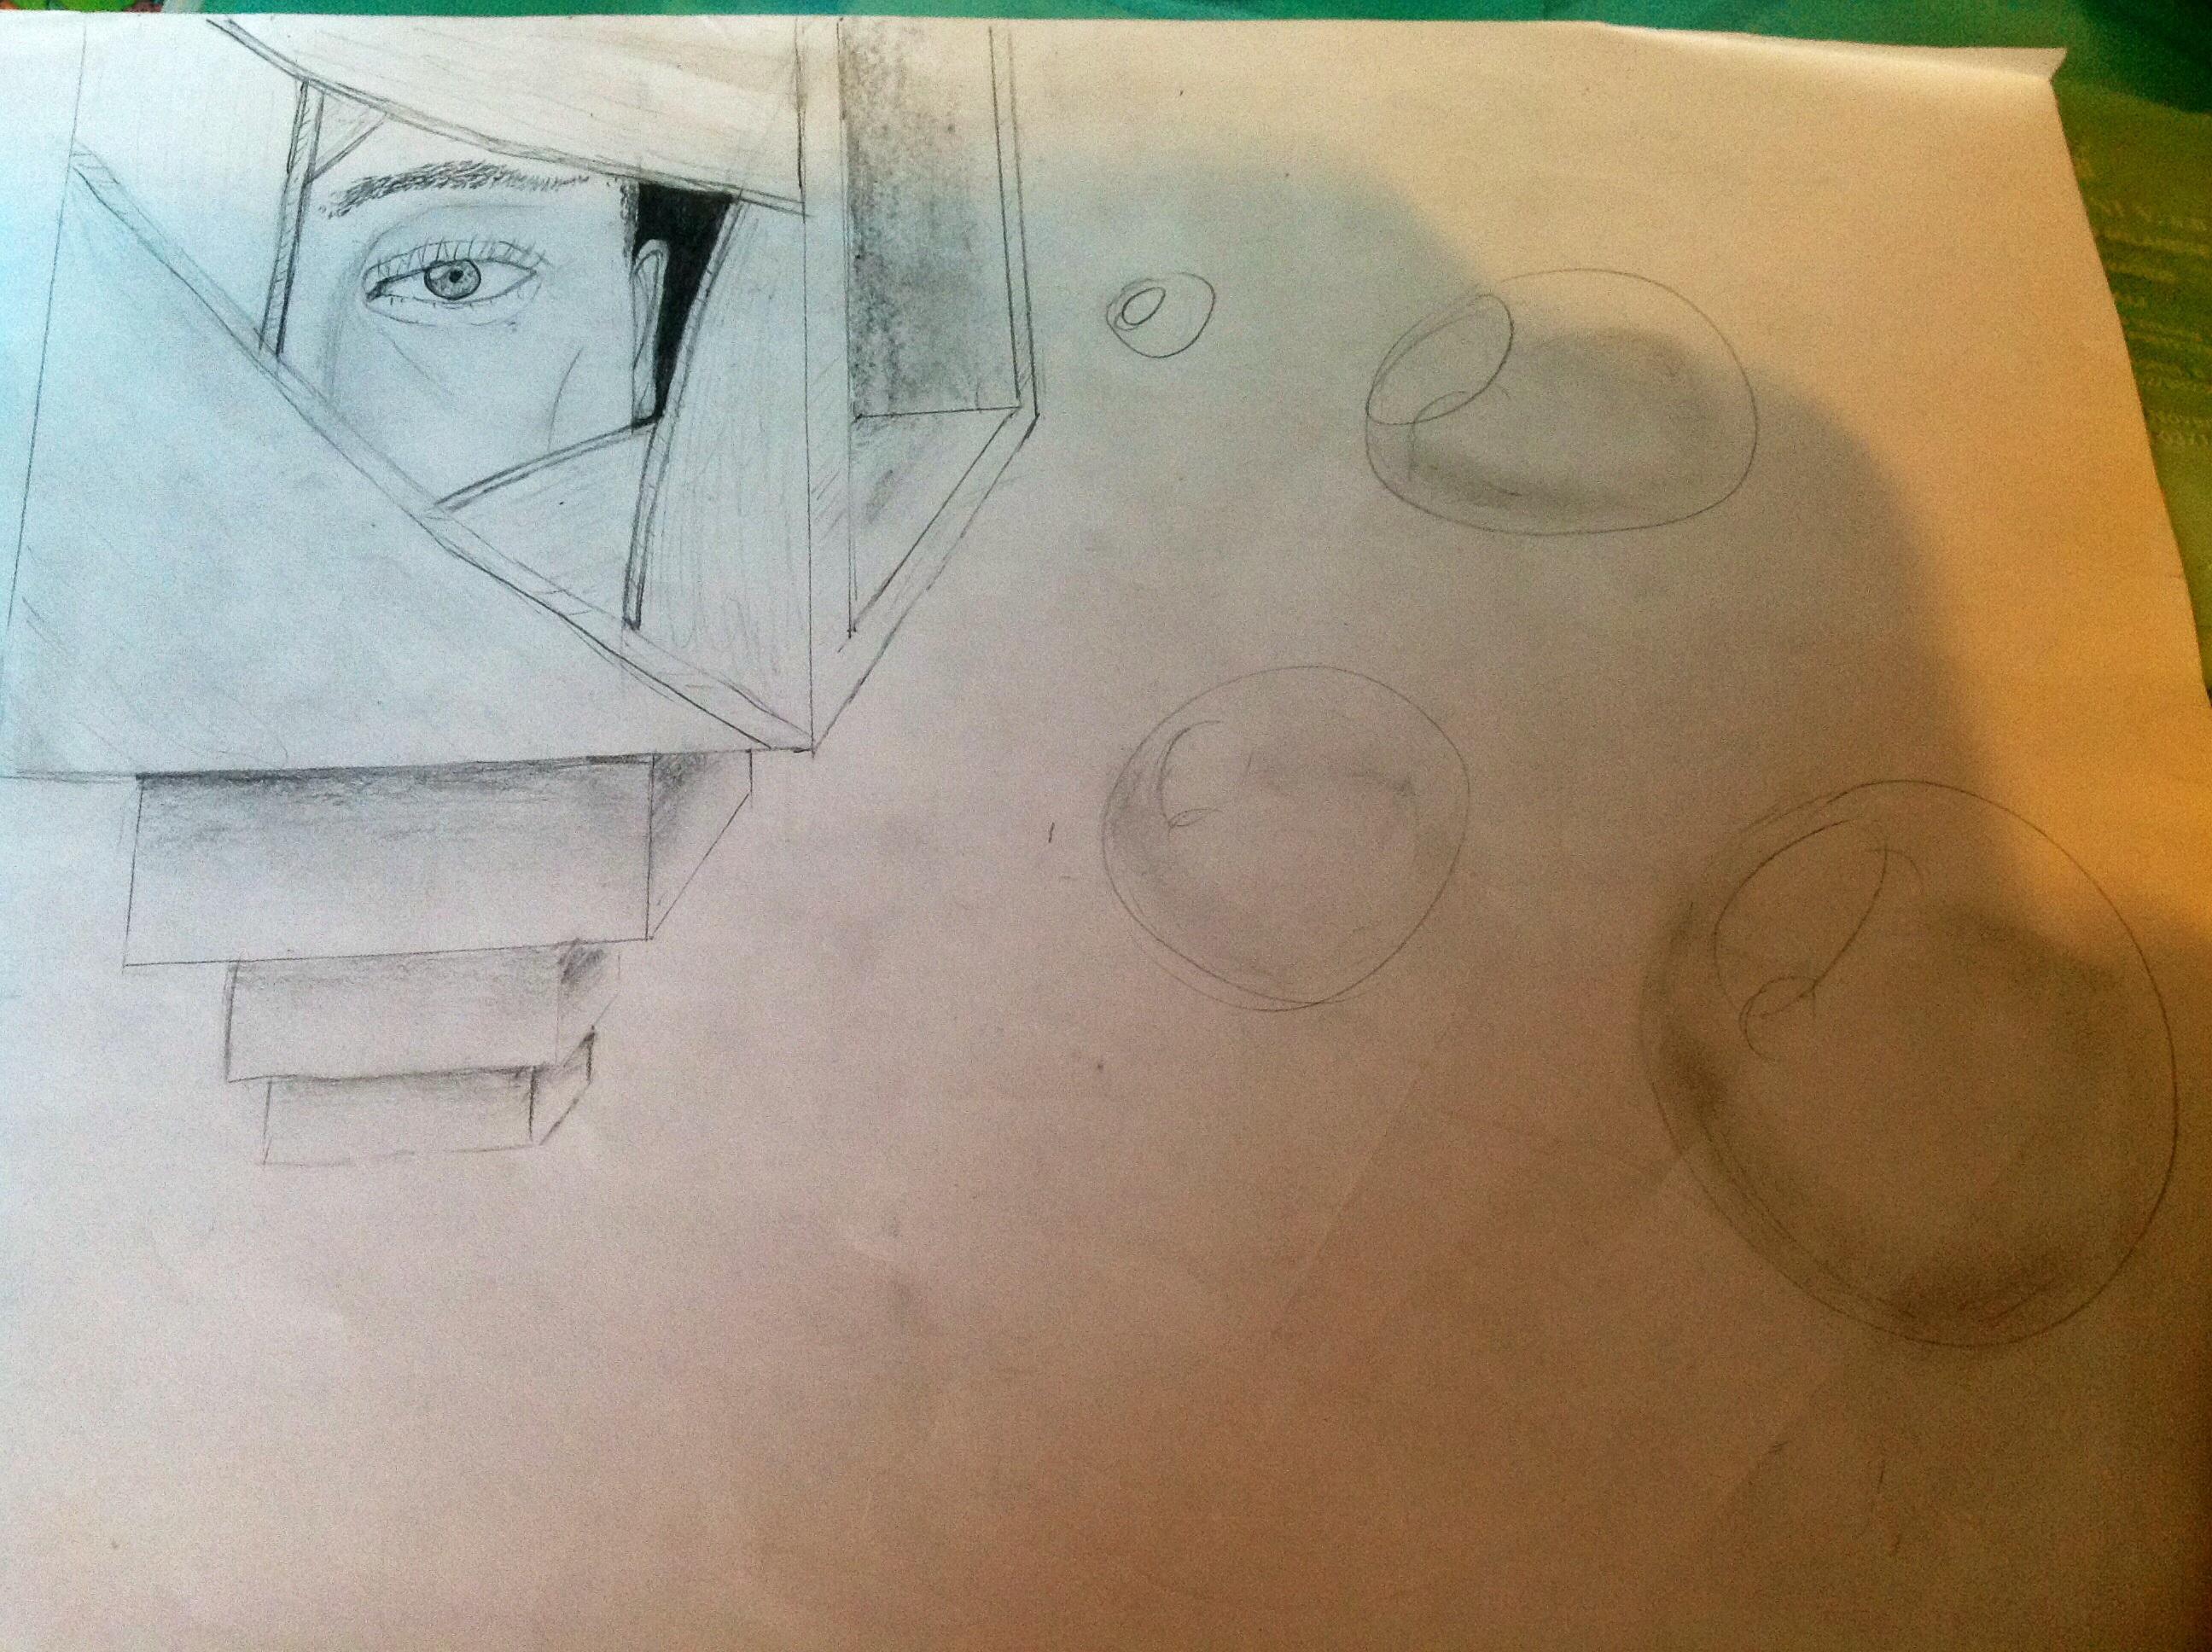 Drawing by MattiaCremonini